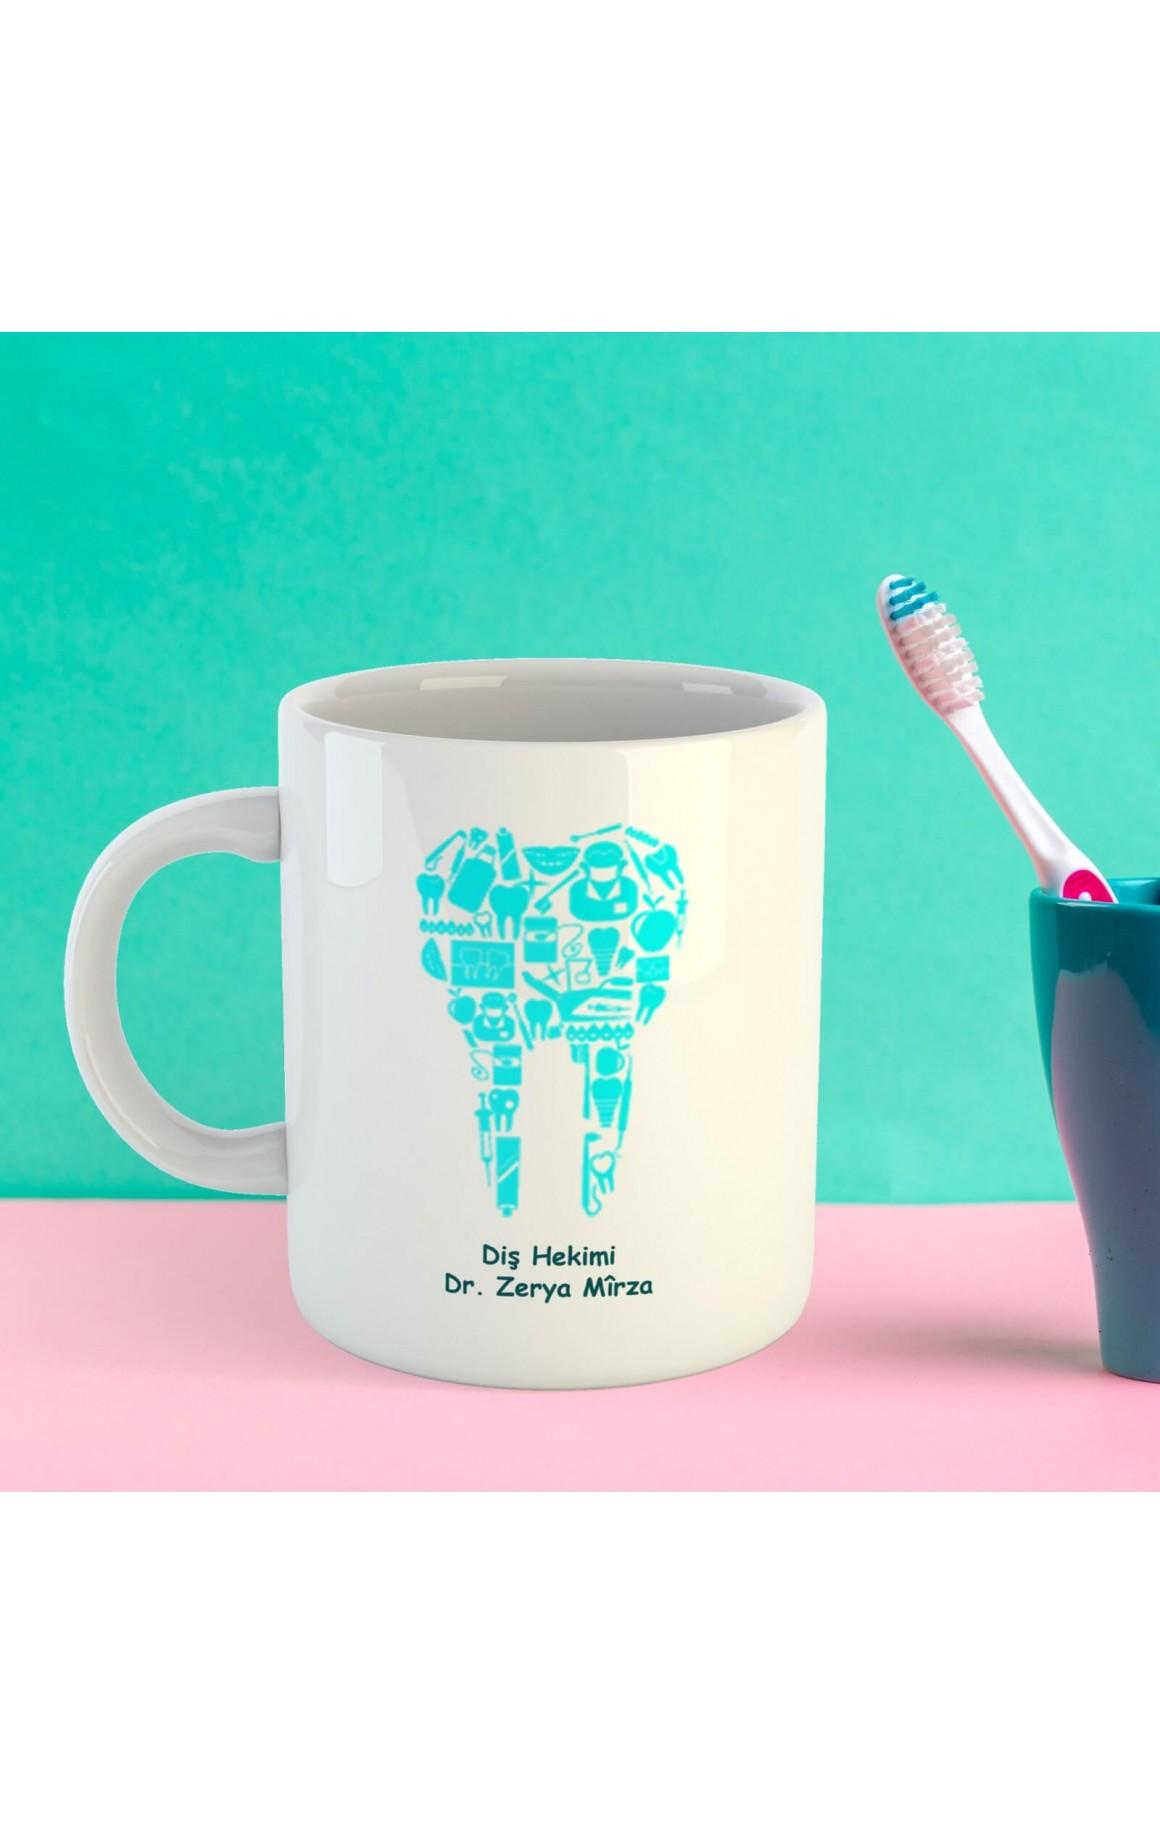 Doktorlara Özel İsimli Porselen Kupa - Diş Hekimi